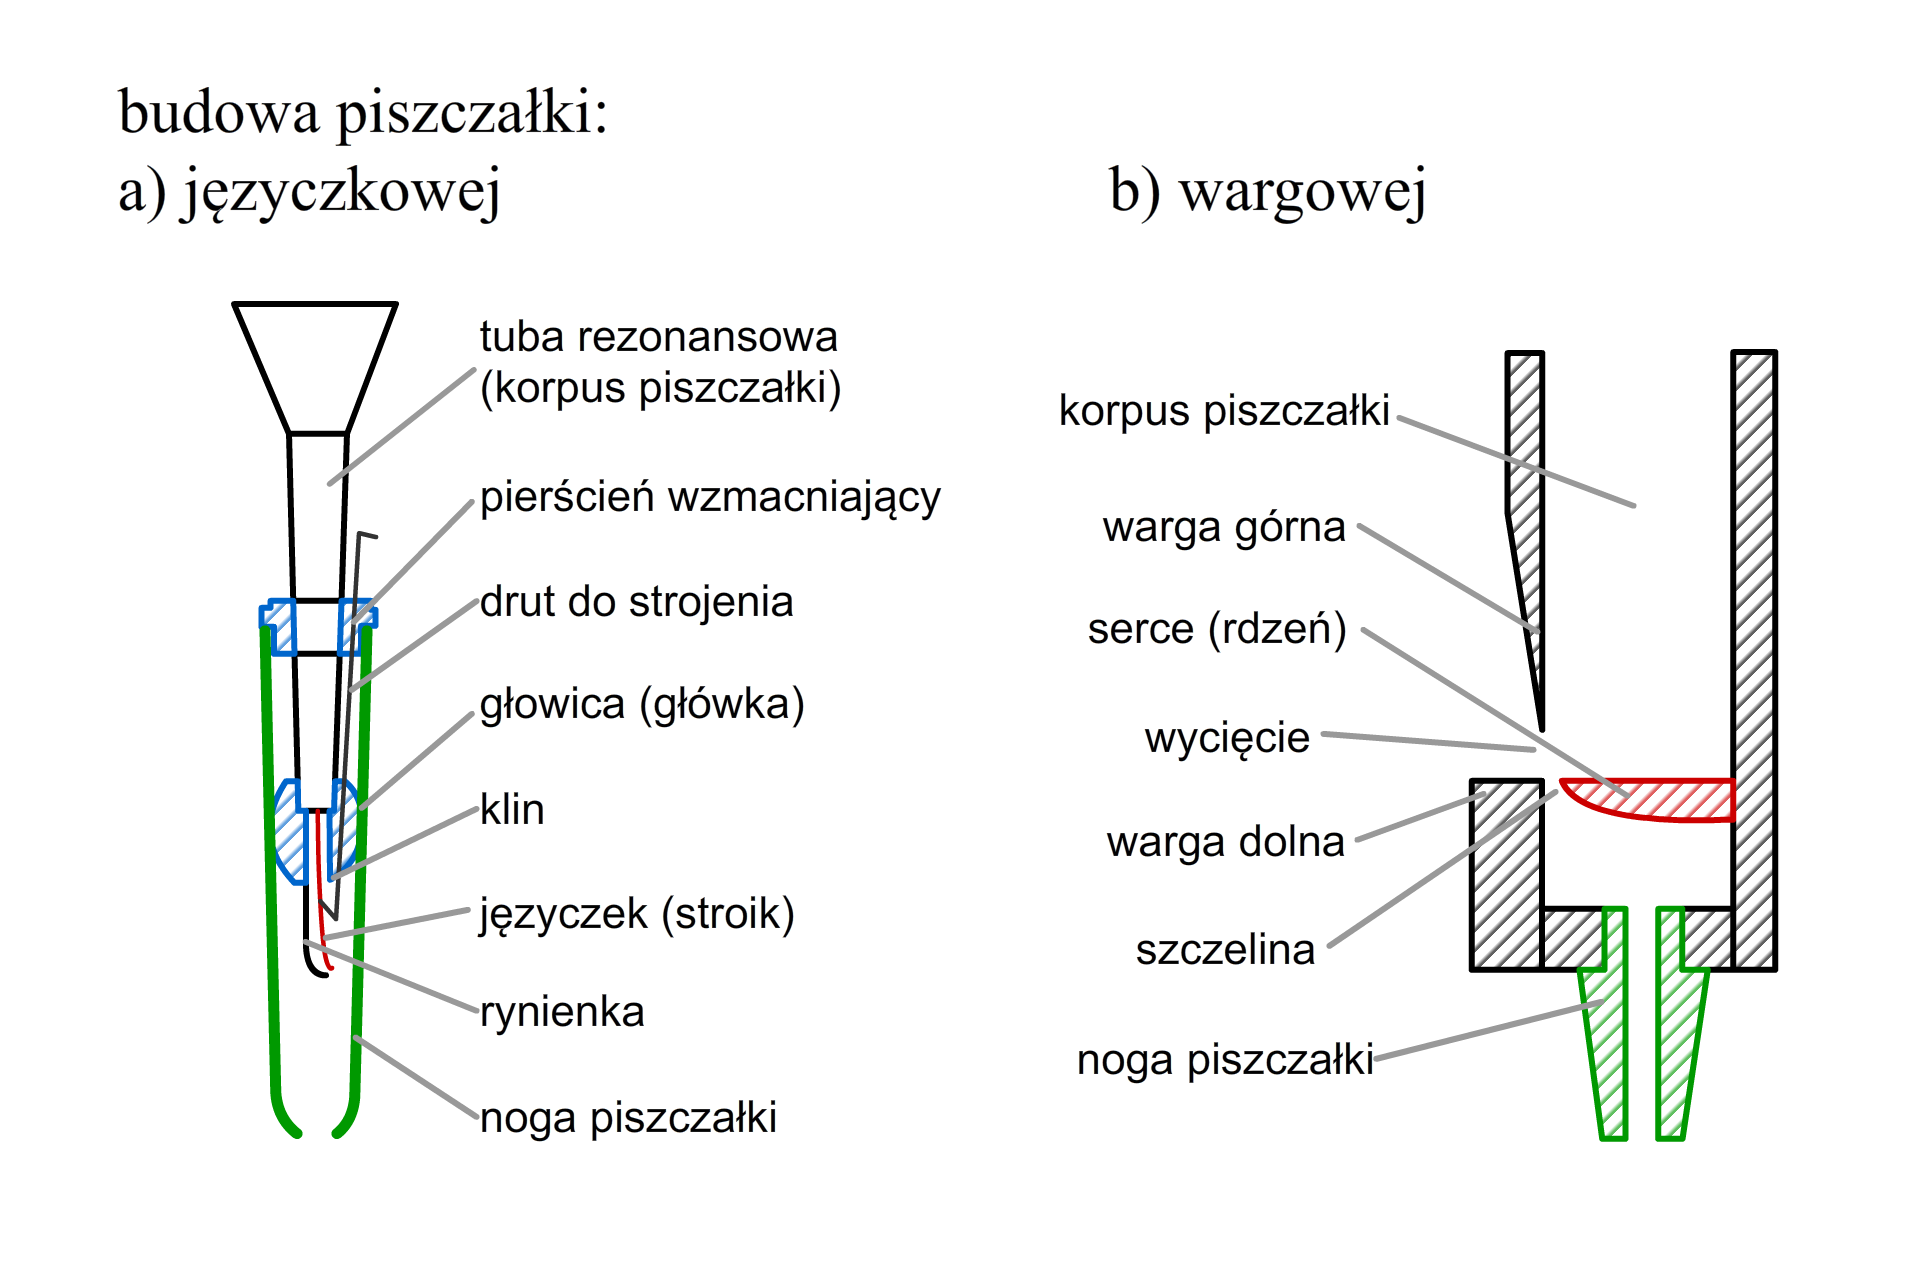 Schemat budowy piszczałki stroikowej iwargowej. Piszczałka stroikowa ustawiona jest na nodze piszczałki. Wtej części umieszczona jest tuba rezonansowa stabilizowana przez pierścień wzmacniający. Ztuby rezonansowej na dole wystają rynienka ijęzyczek (stroik). Piszczałka wargowa również ustawiana jest na nodze piszczałki. Zbudowana jest zkorpusu piszczałki idwóch warg (dolnej igórnej) pomiędzy którymi znajduje się otwór.